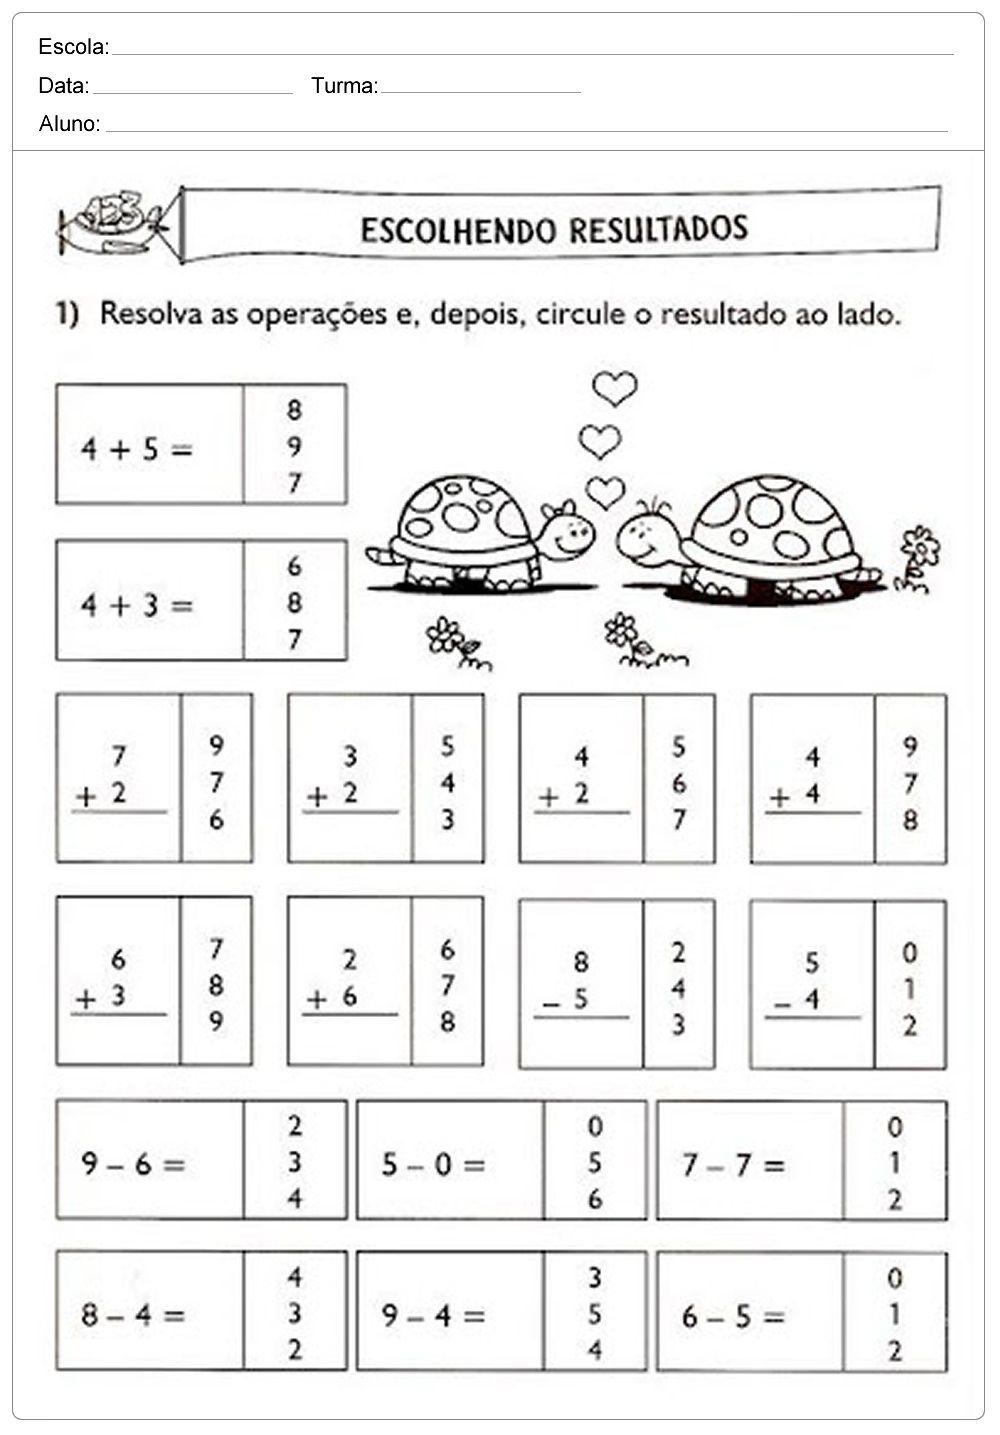 Excepcional Atividades de Matemática para 1 ANO somando números | Jet Dicas WU26